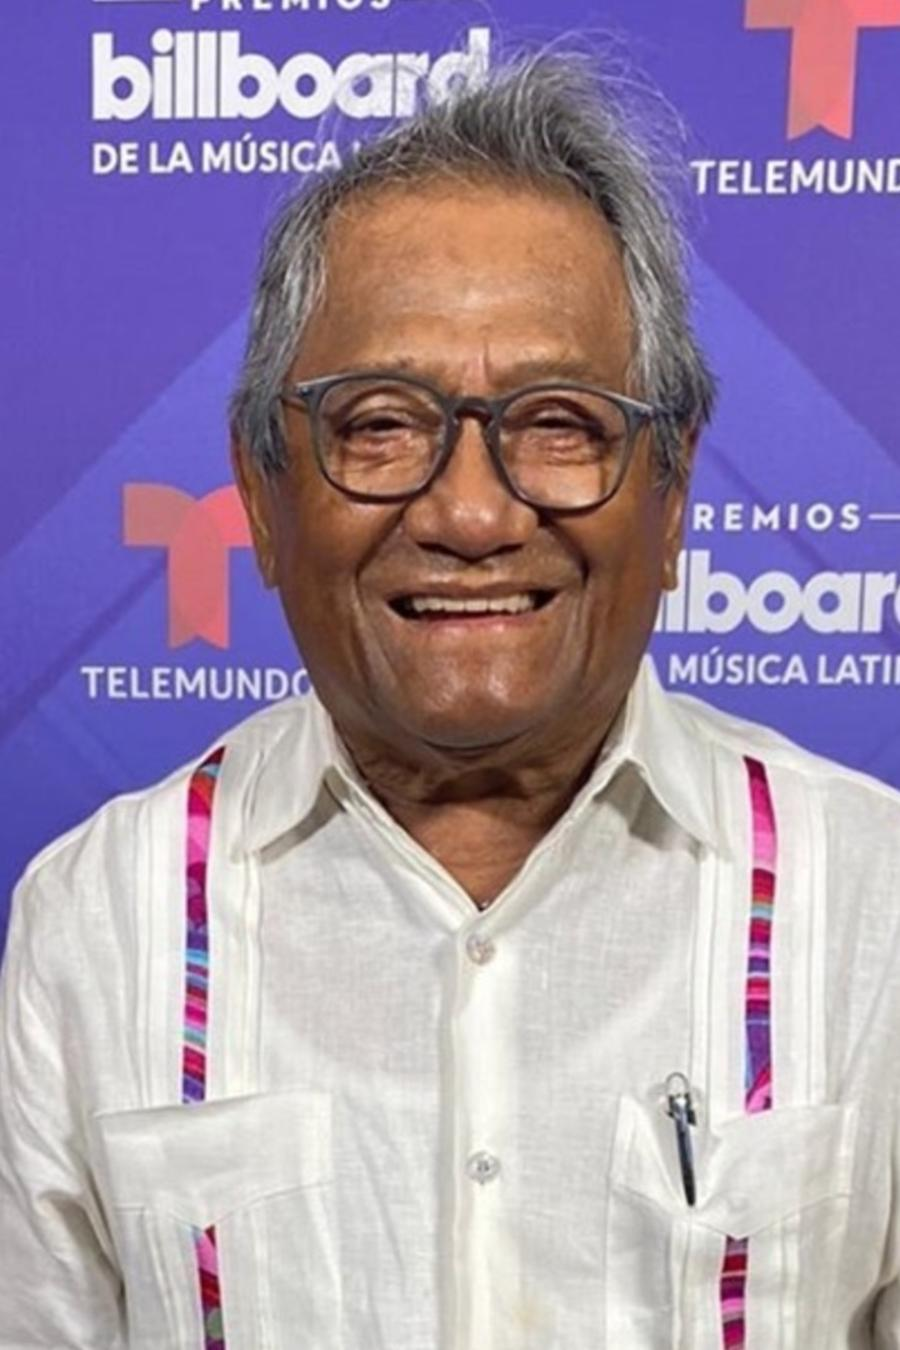 Armando Manzanero Premios Billboard 2020